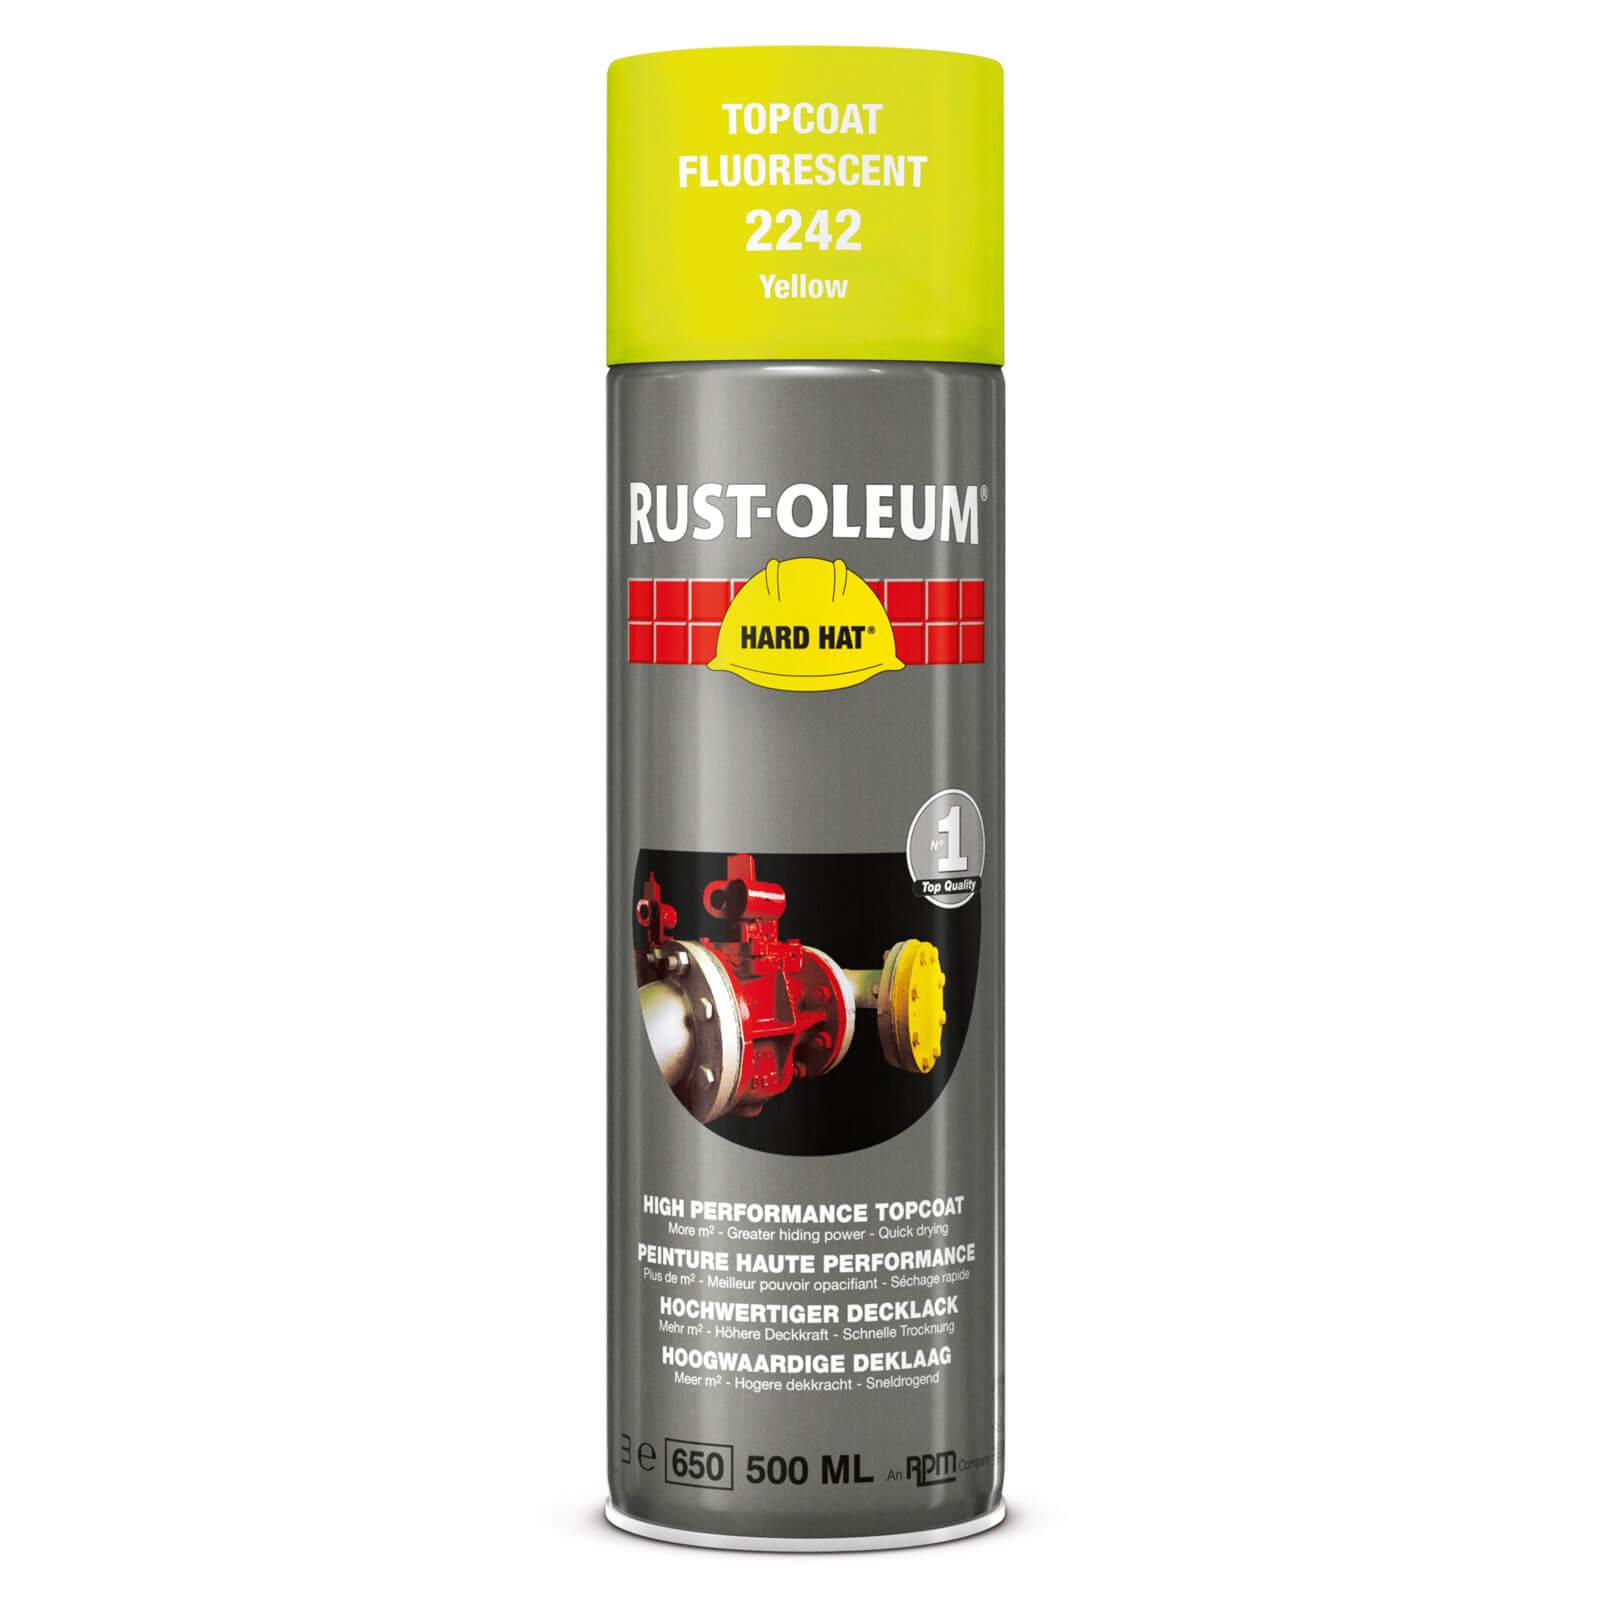 Rust Oleum Hard Hat Fluorescent Spray Paint Yellow 500ml